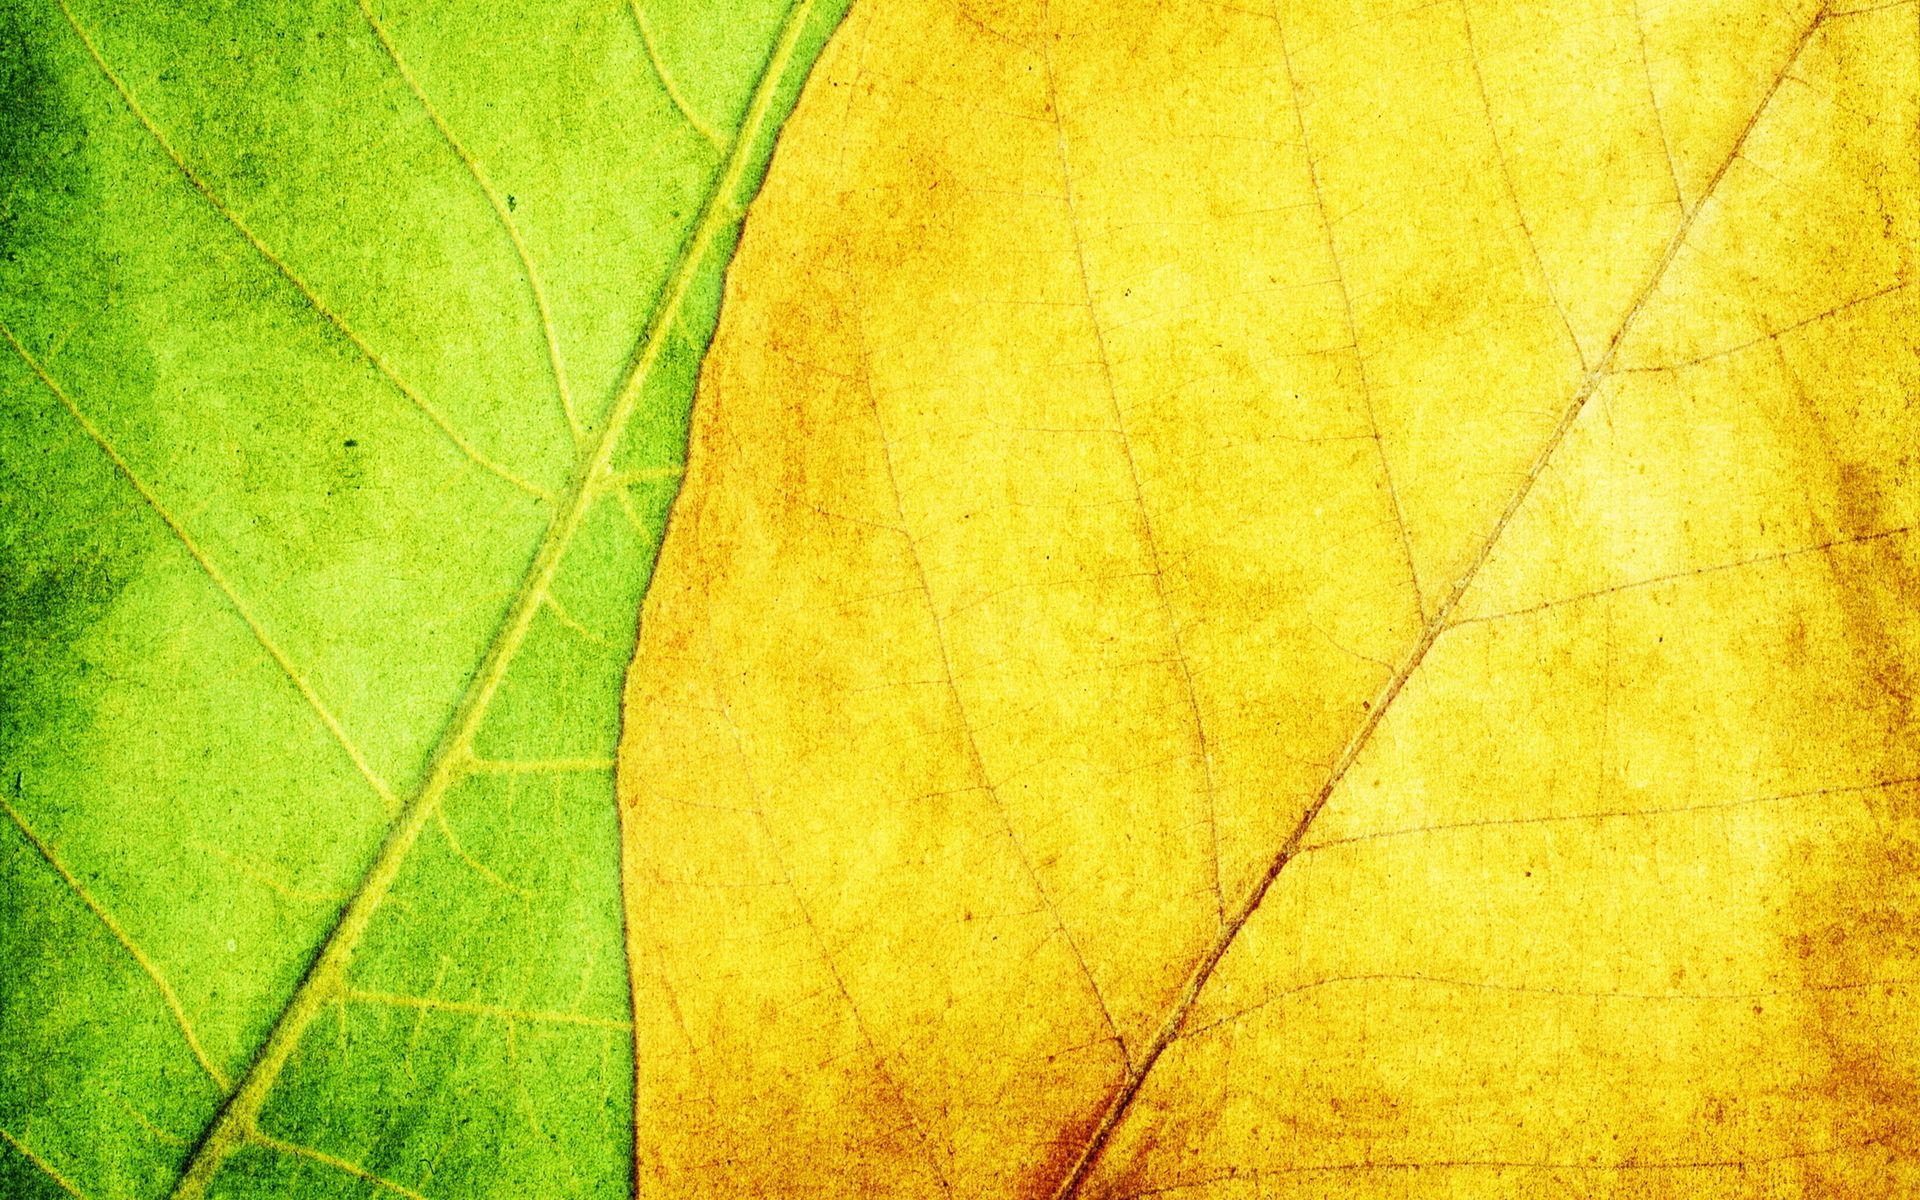 green textured wallpaper - photo #27